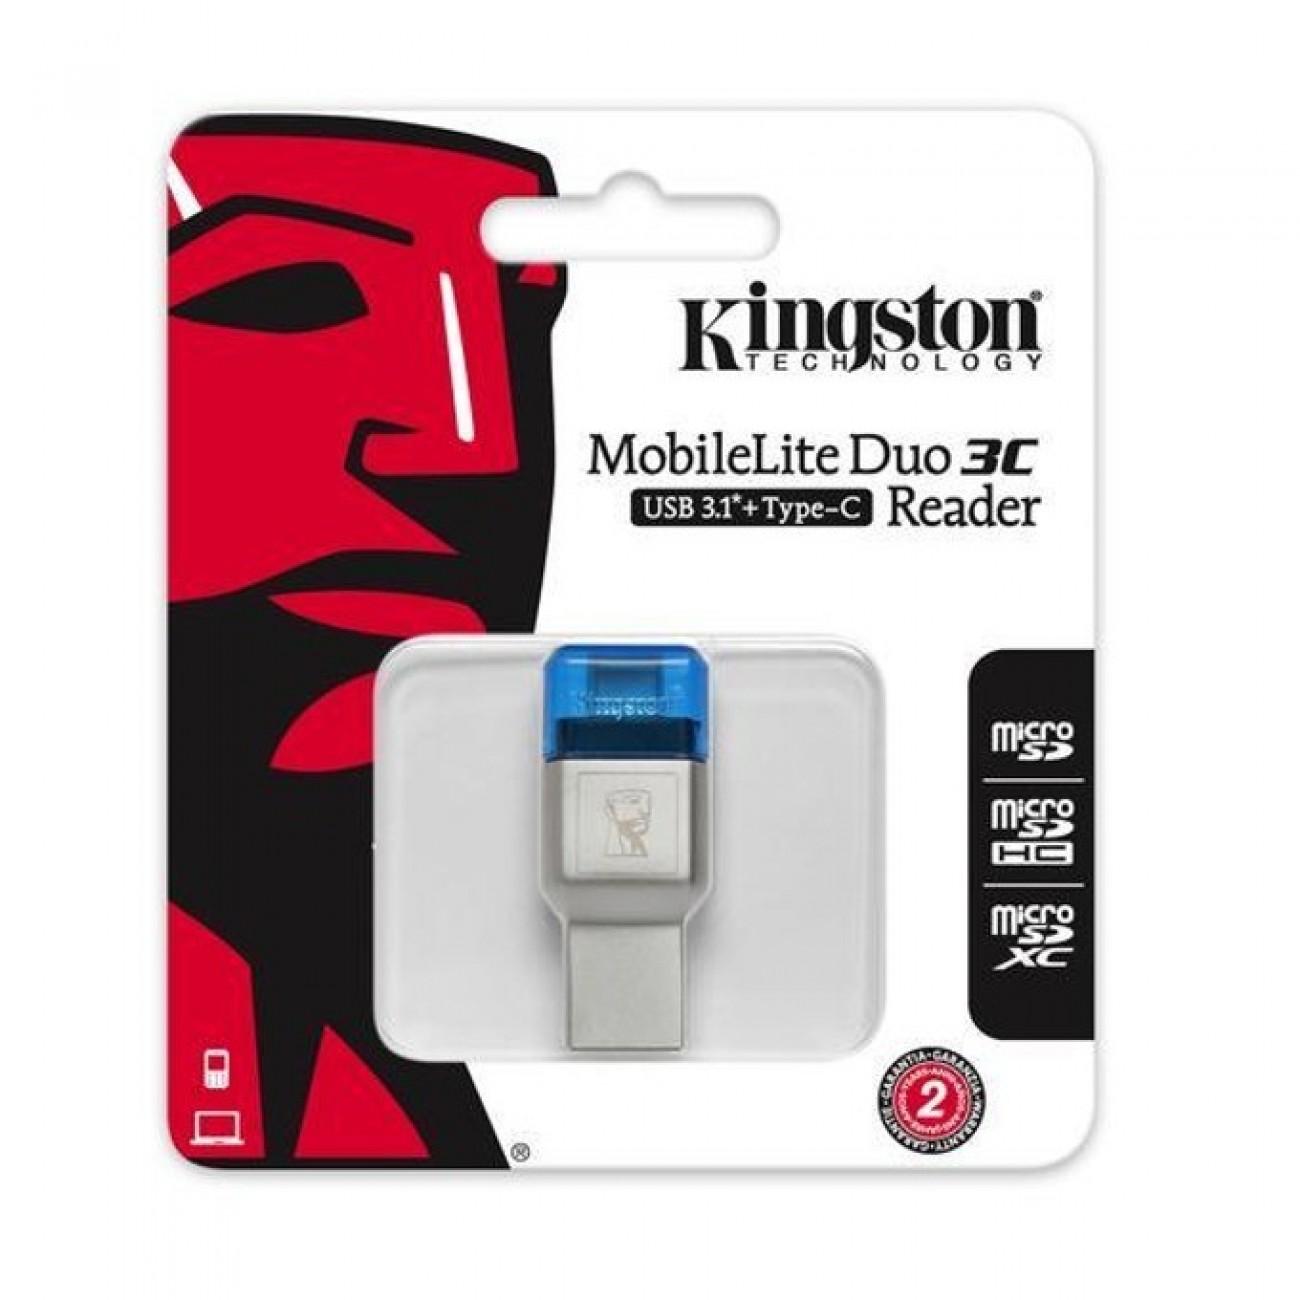 Четец за карти KINGSTON MobileLite Duo 3C, microSD, USB 3.1 + Type-C в Четци за карти -  | Alleop